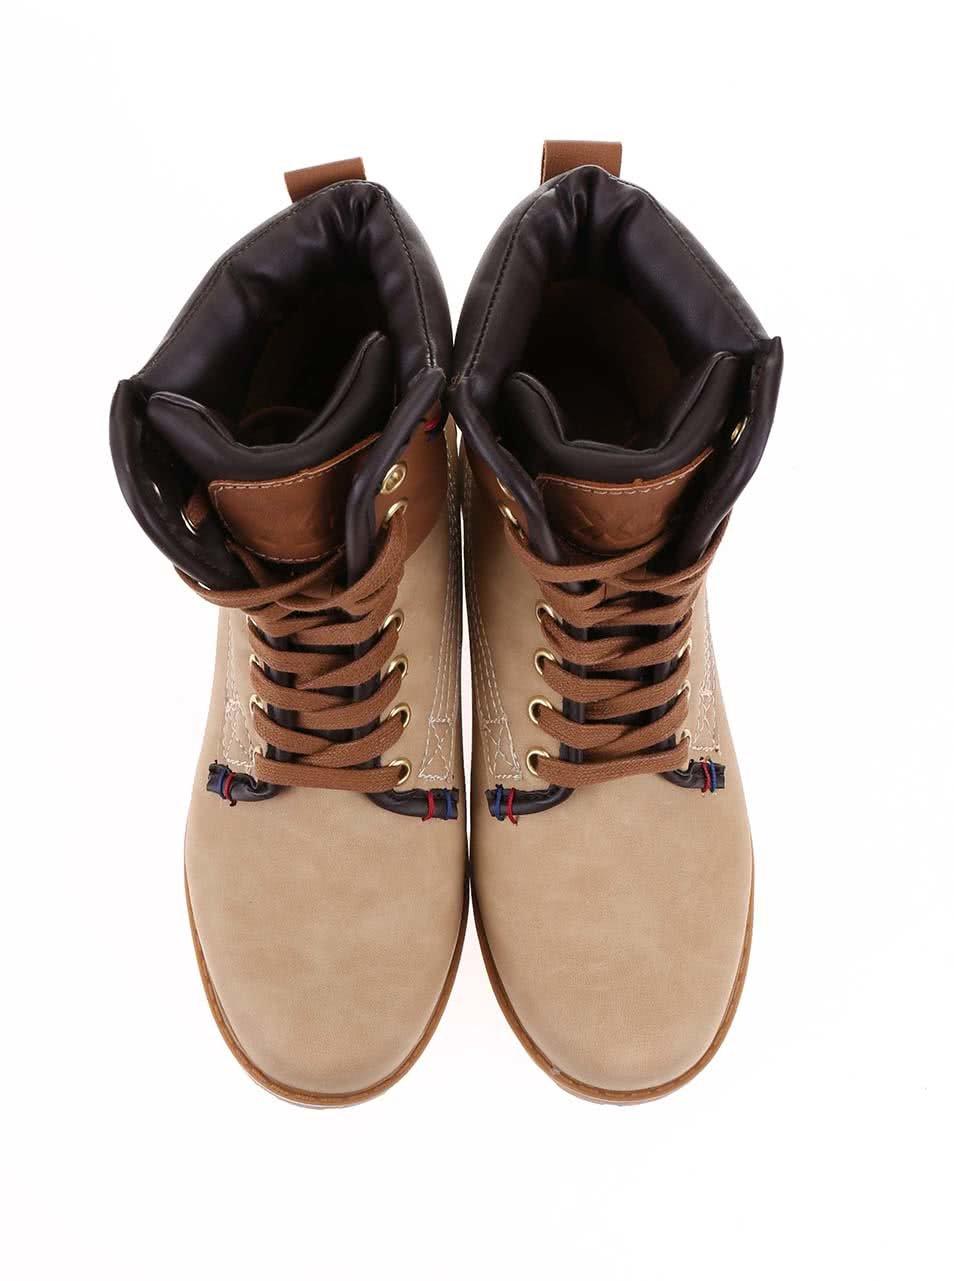 d63ef7c8a6 Béžové členkové šnurovacie topánky Xti ...